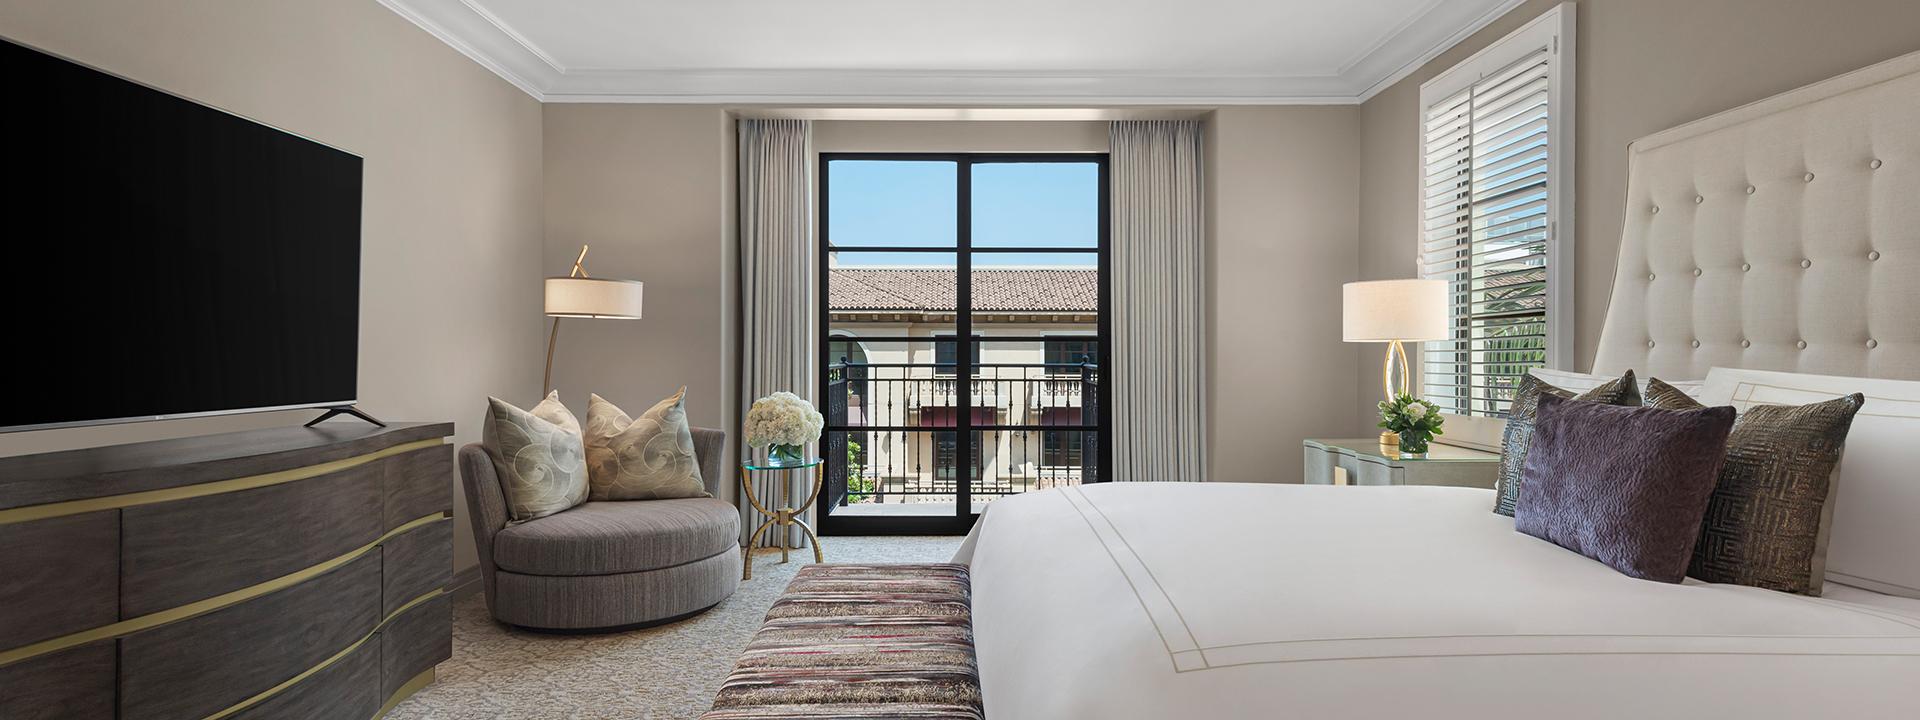 Garden Terrace Suite bedroom view